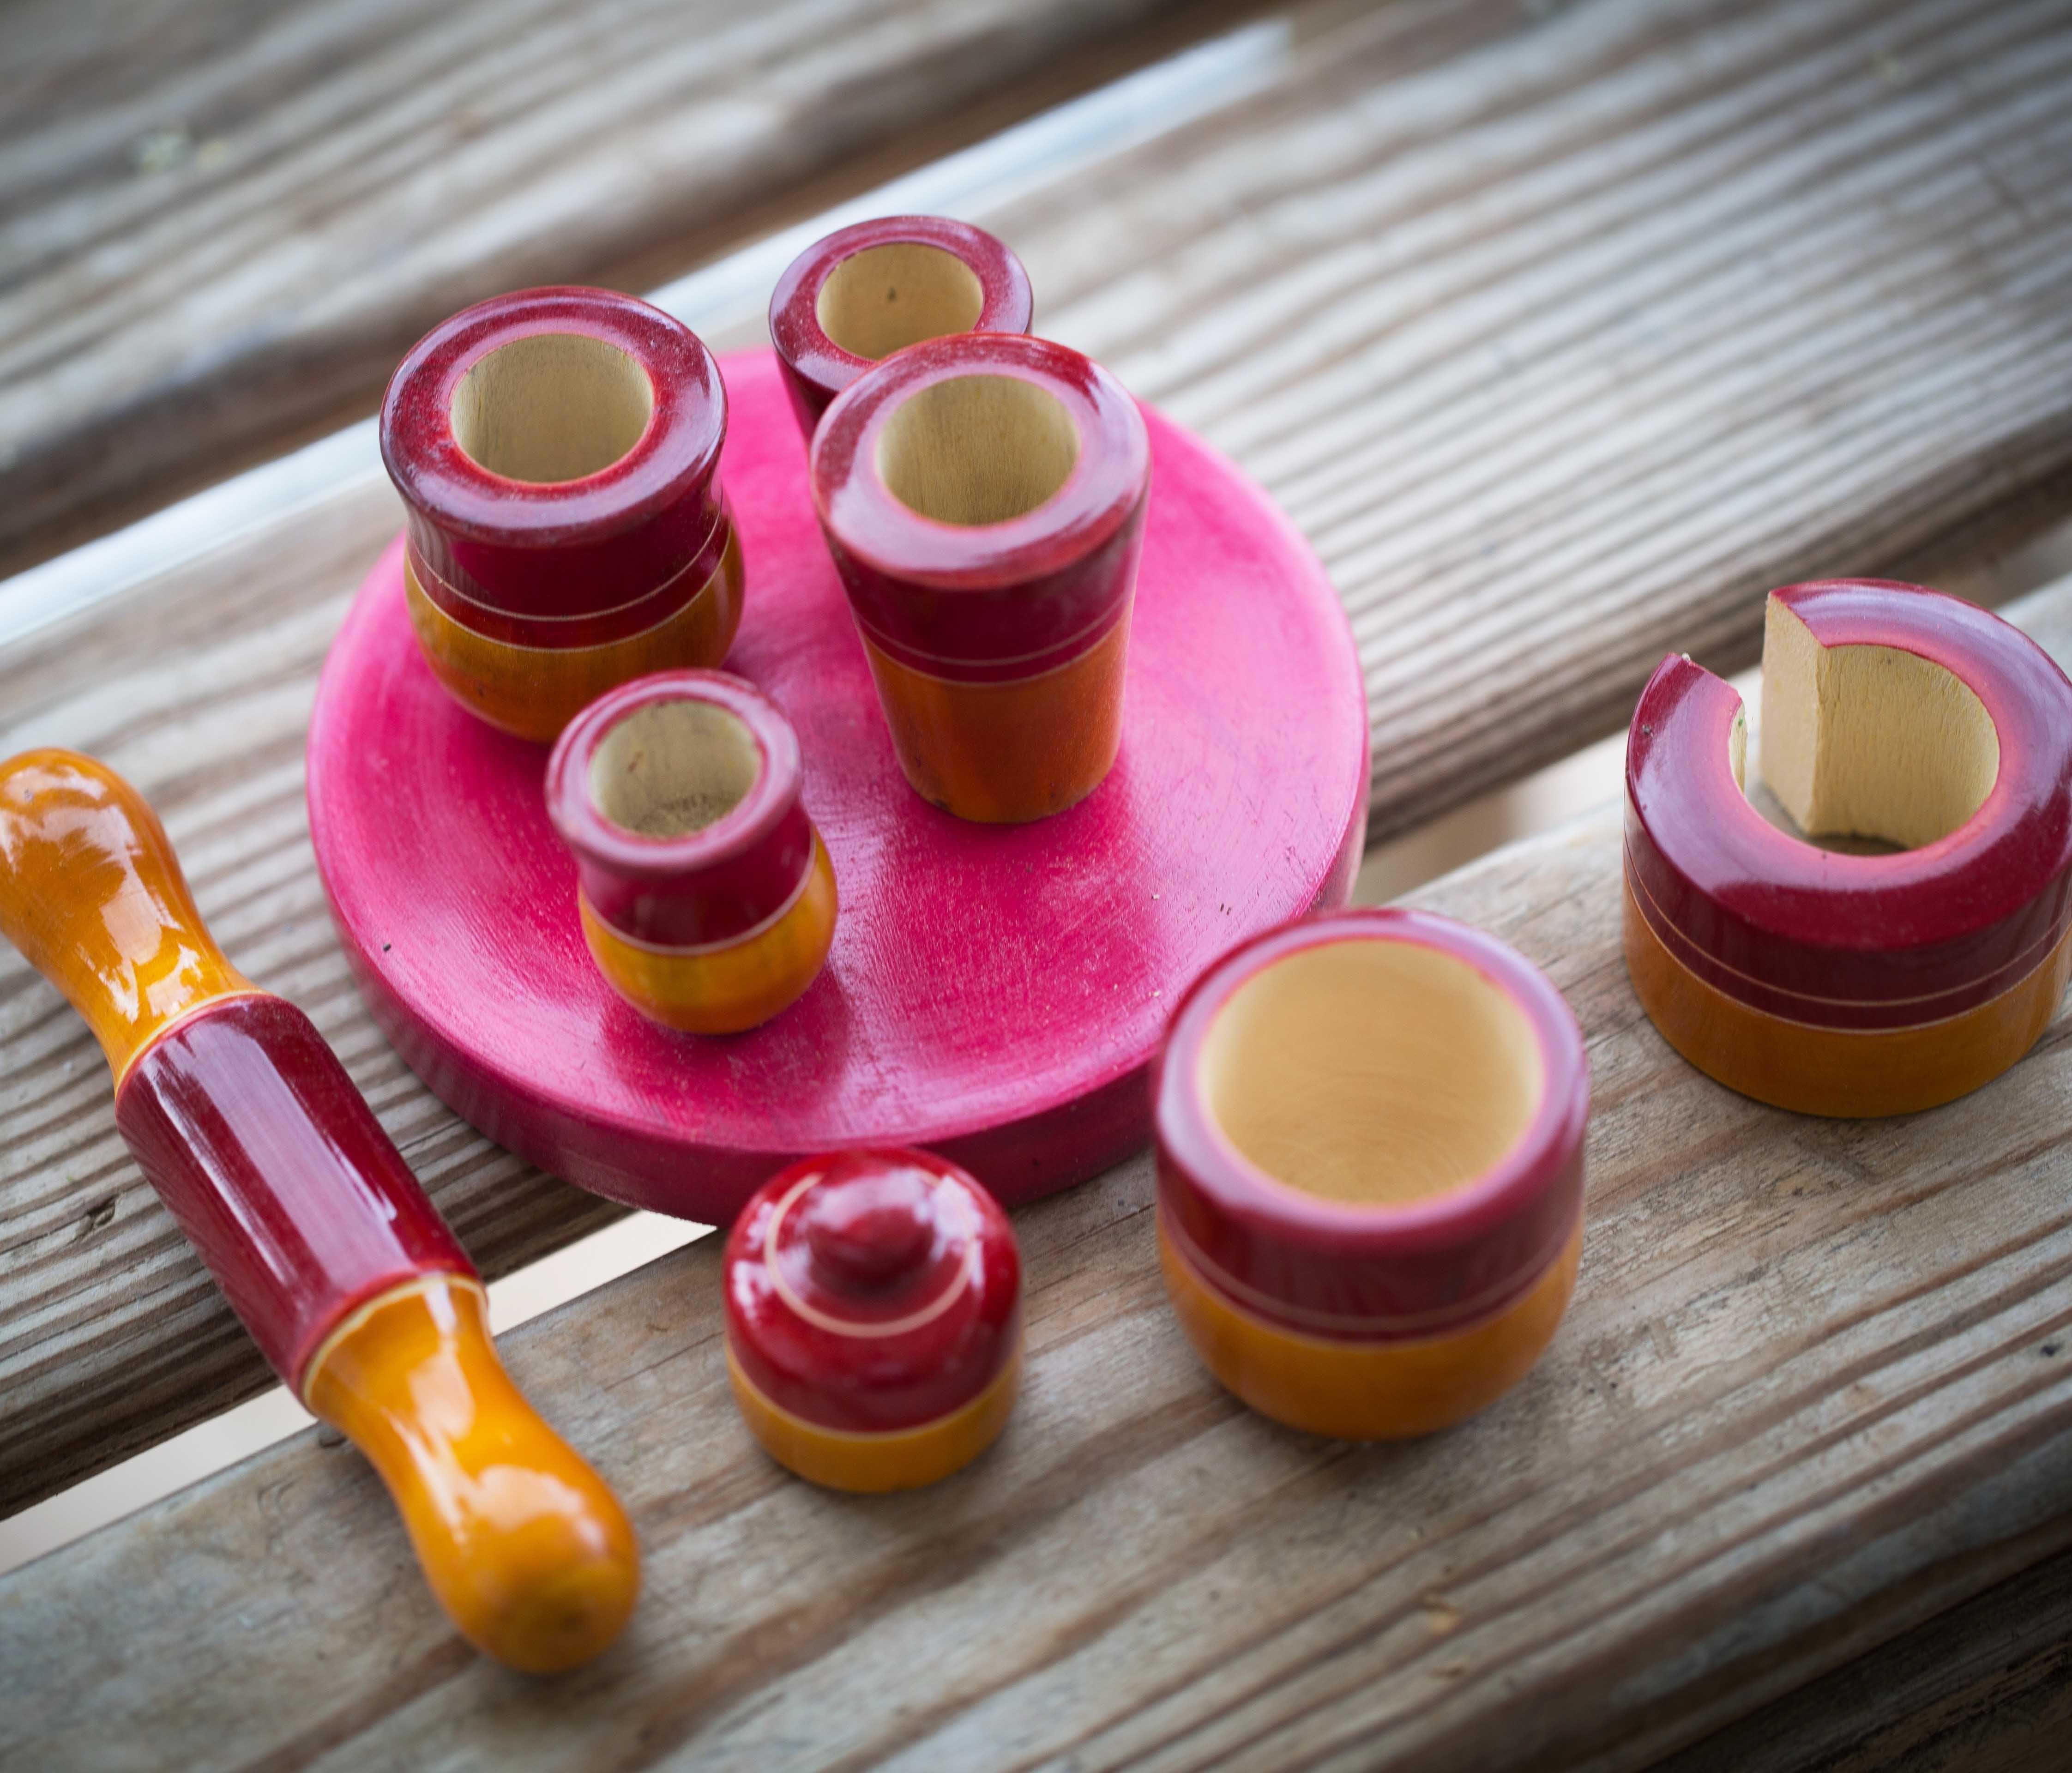 כלי מטבח מיניאטוריים מעץ אדום- צהוב חרדלי